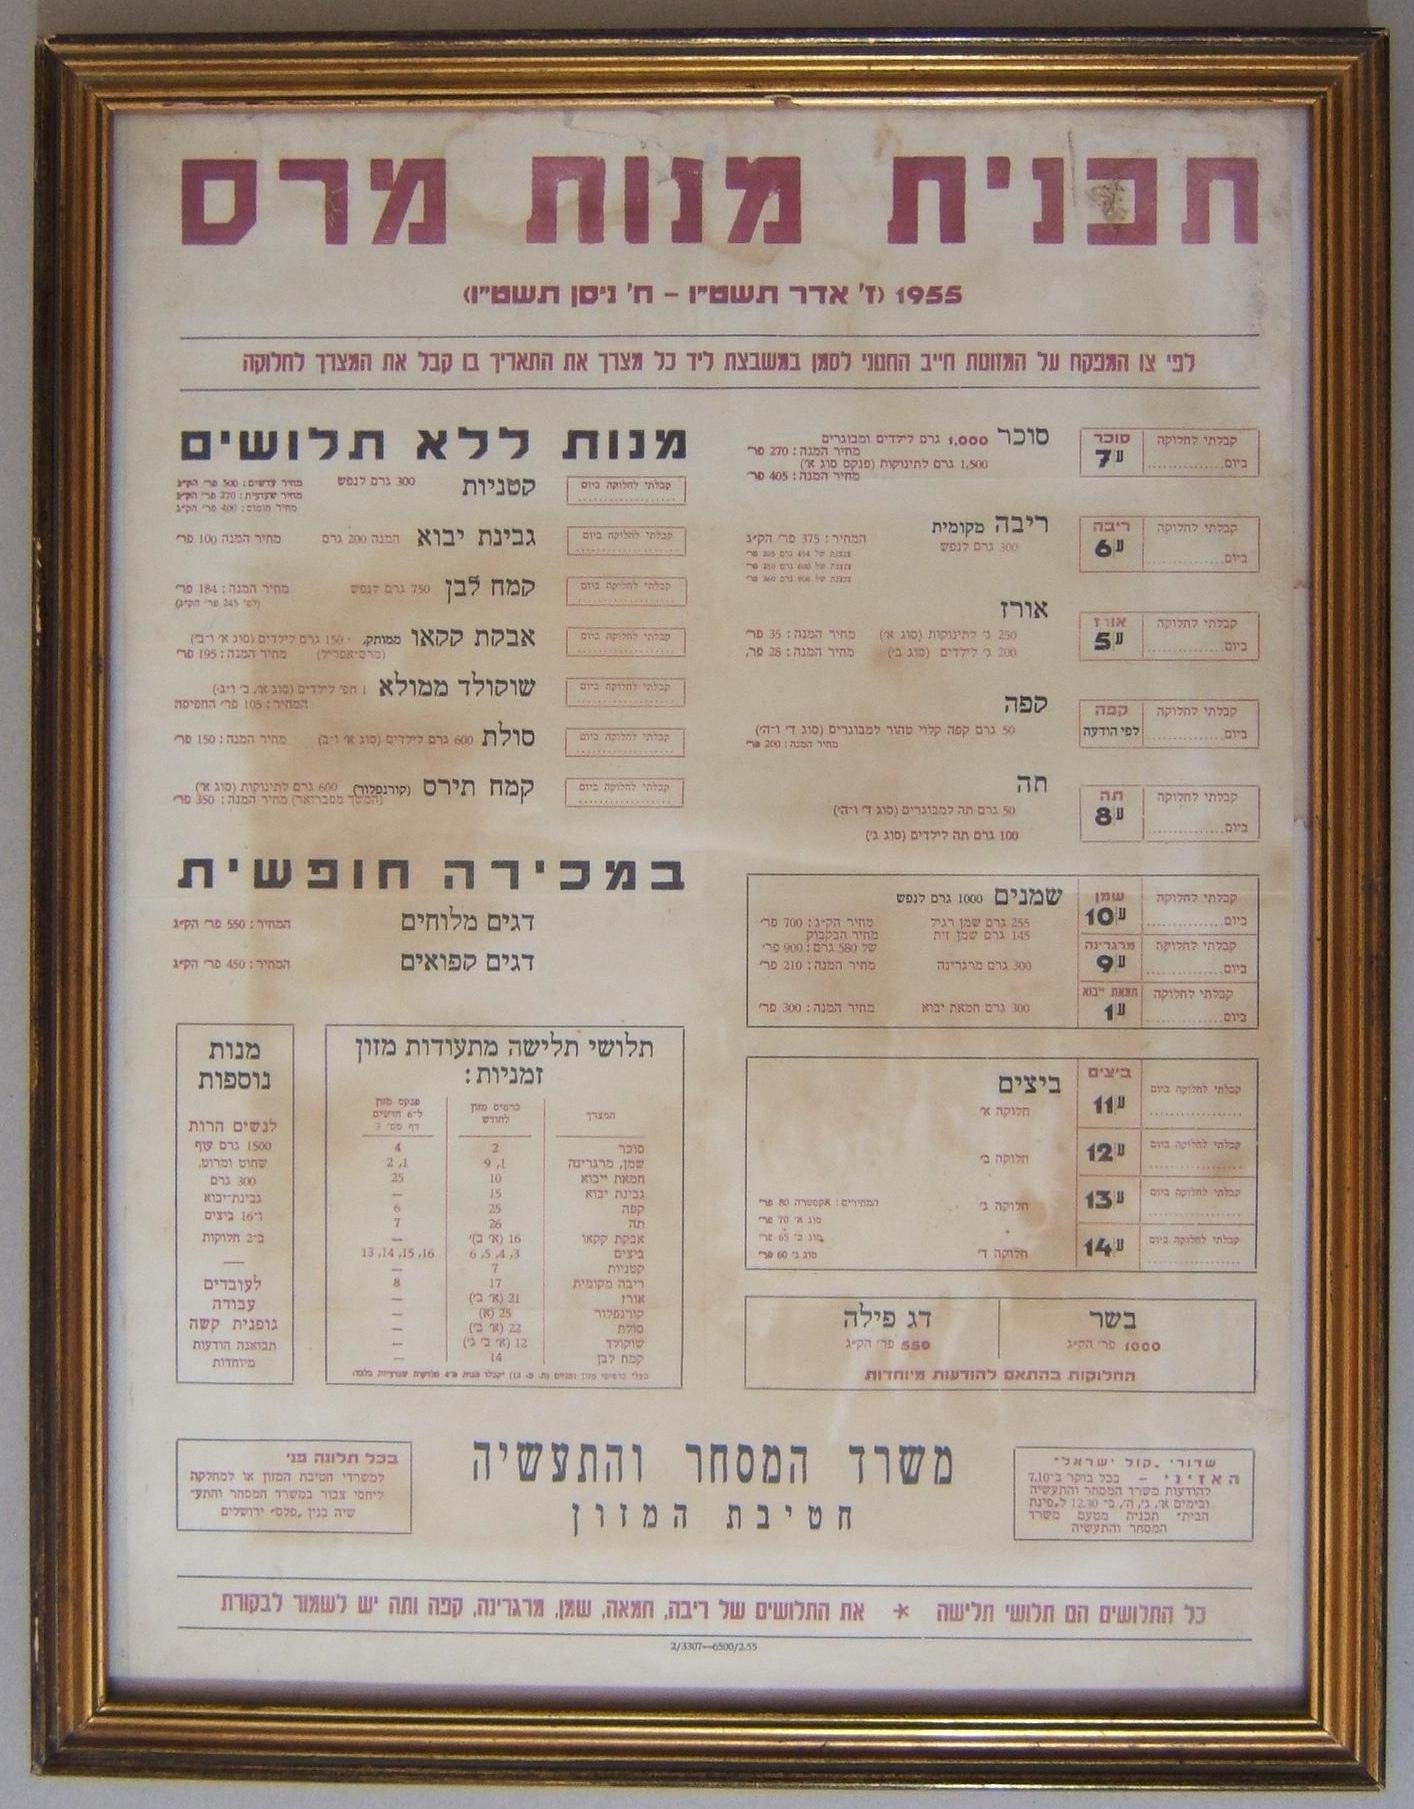 תקופת הצנע בישראל (1949-1959),מחירון ממוסגר שהונפק על ידי משרד המסחר והתעשייה של המחלקה למזון, מיועד לתצוגה בחנויות משתתפות. מחירון זה לא מלא (עם תאריכי ההגעה של מוצרי המכולת). כות